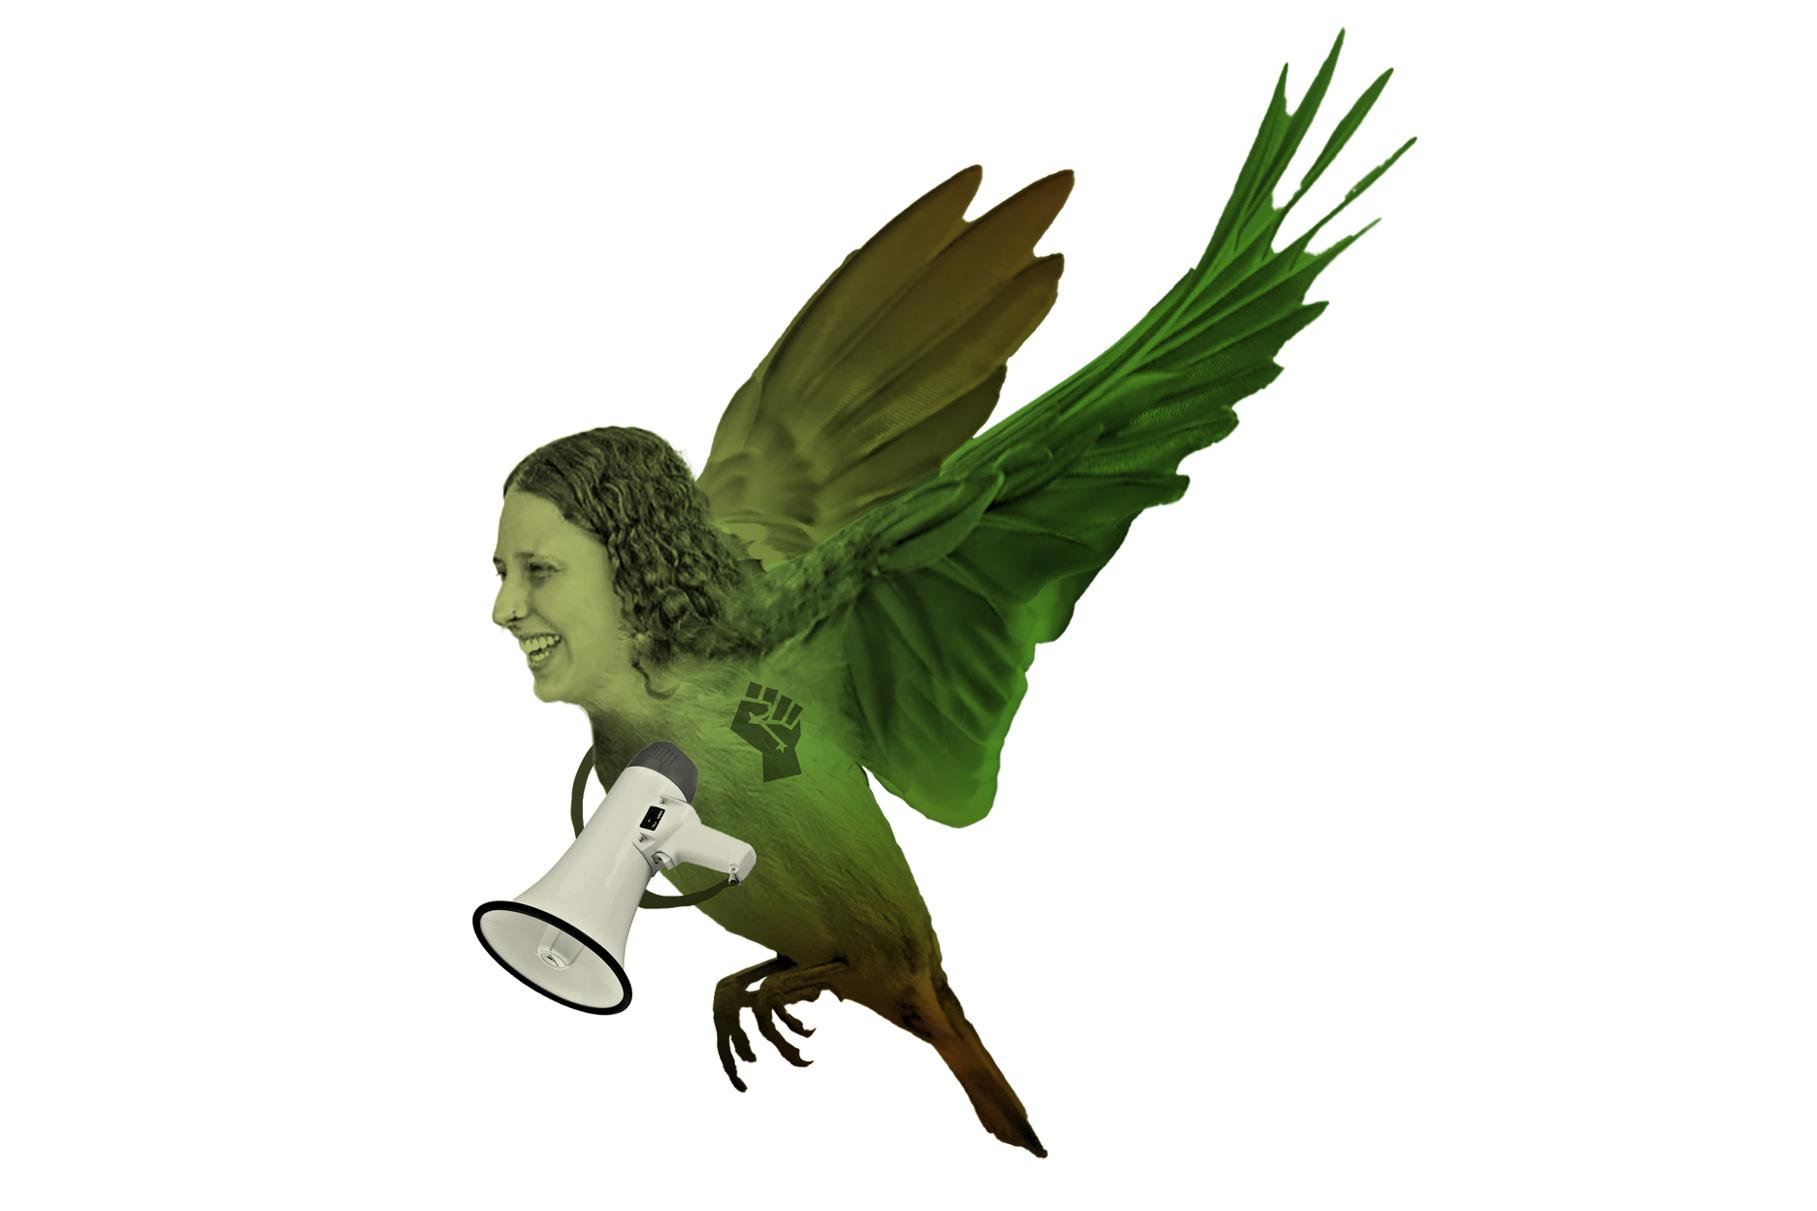 Annka Esser als grüner Vogel mit Megafon